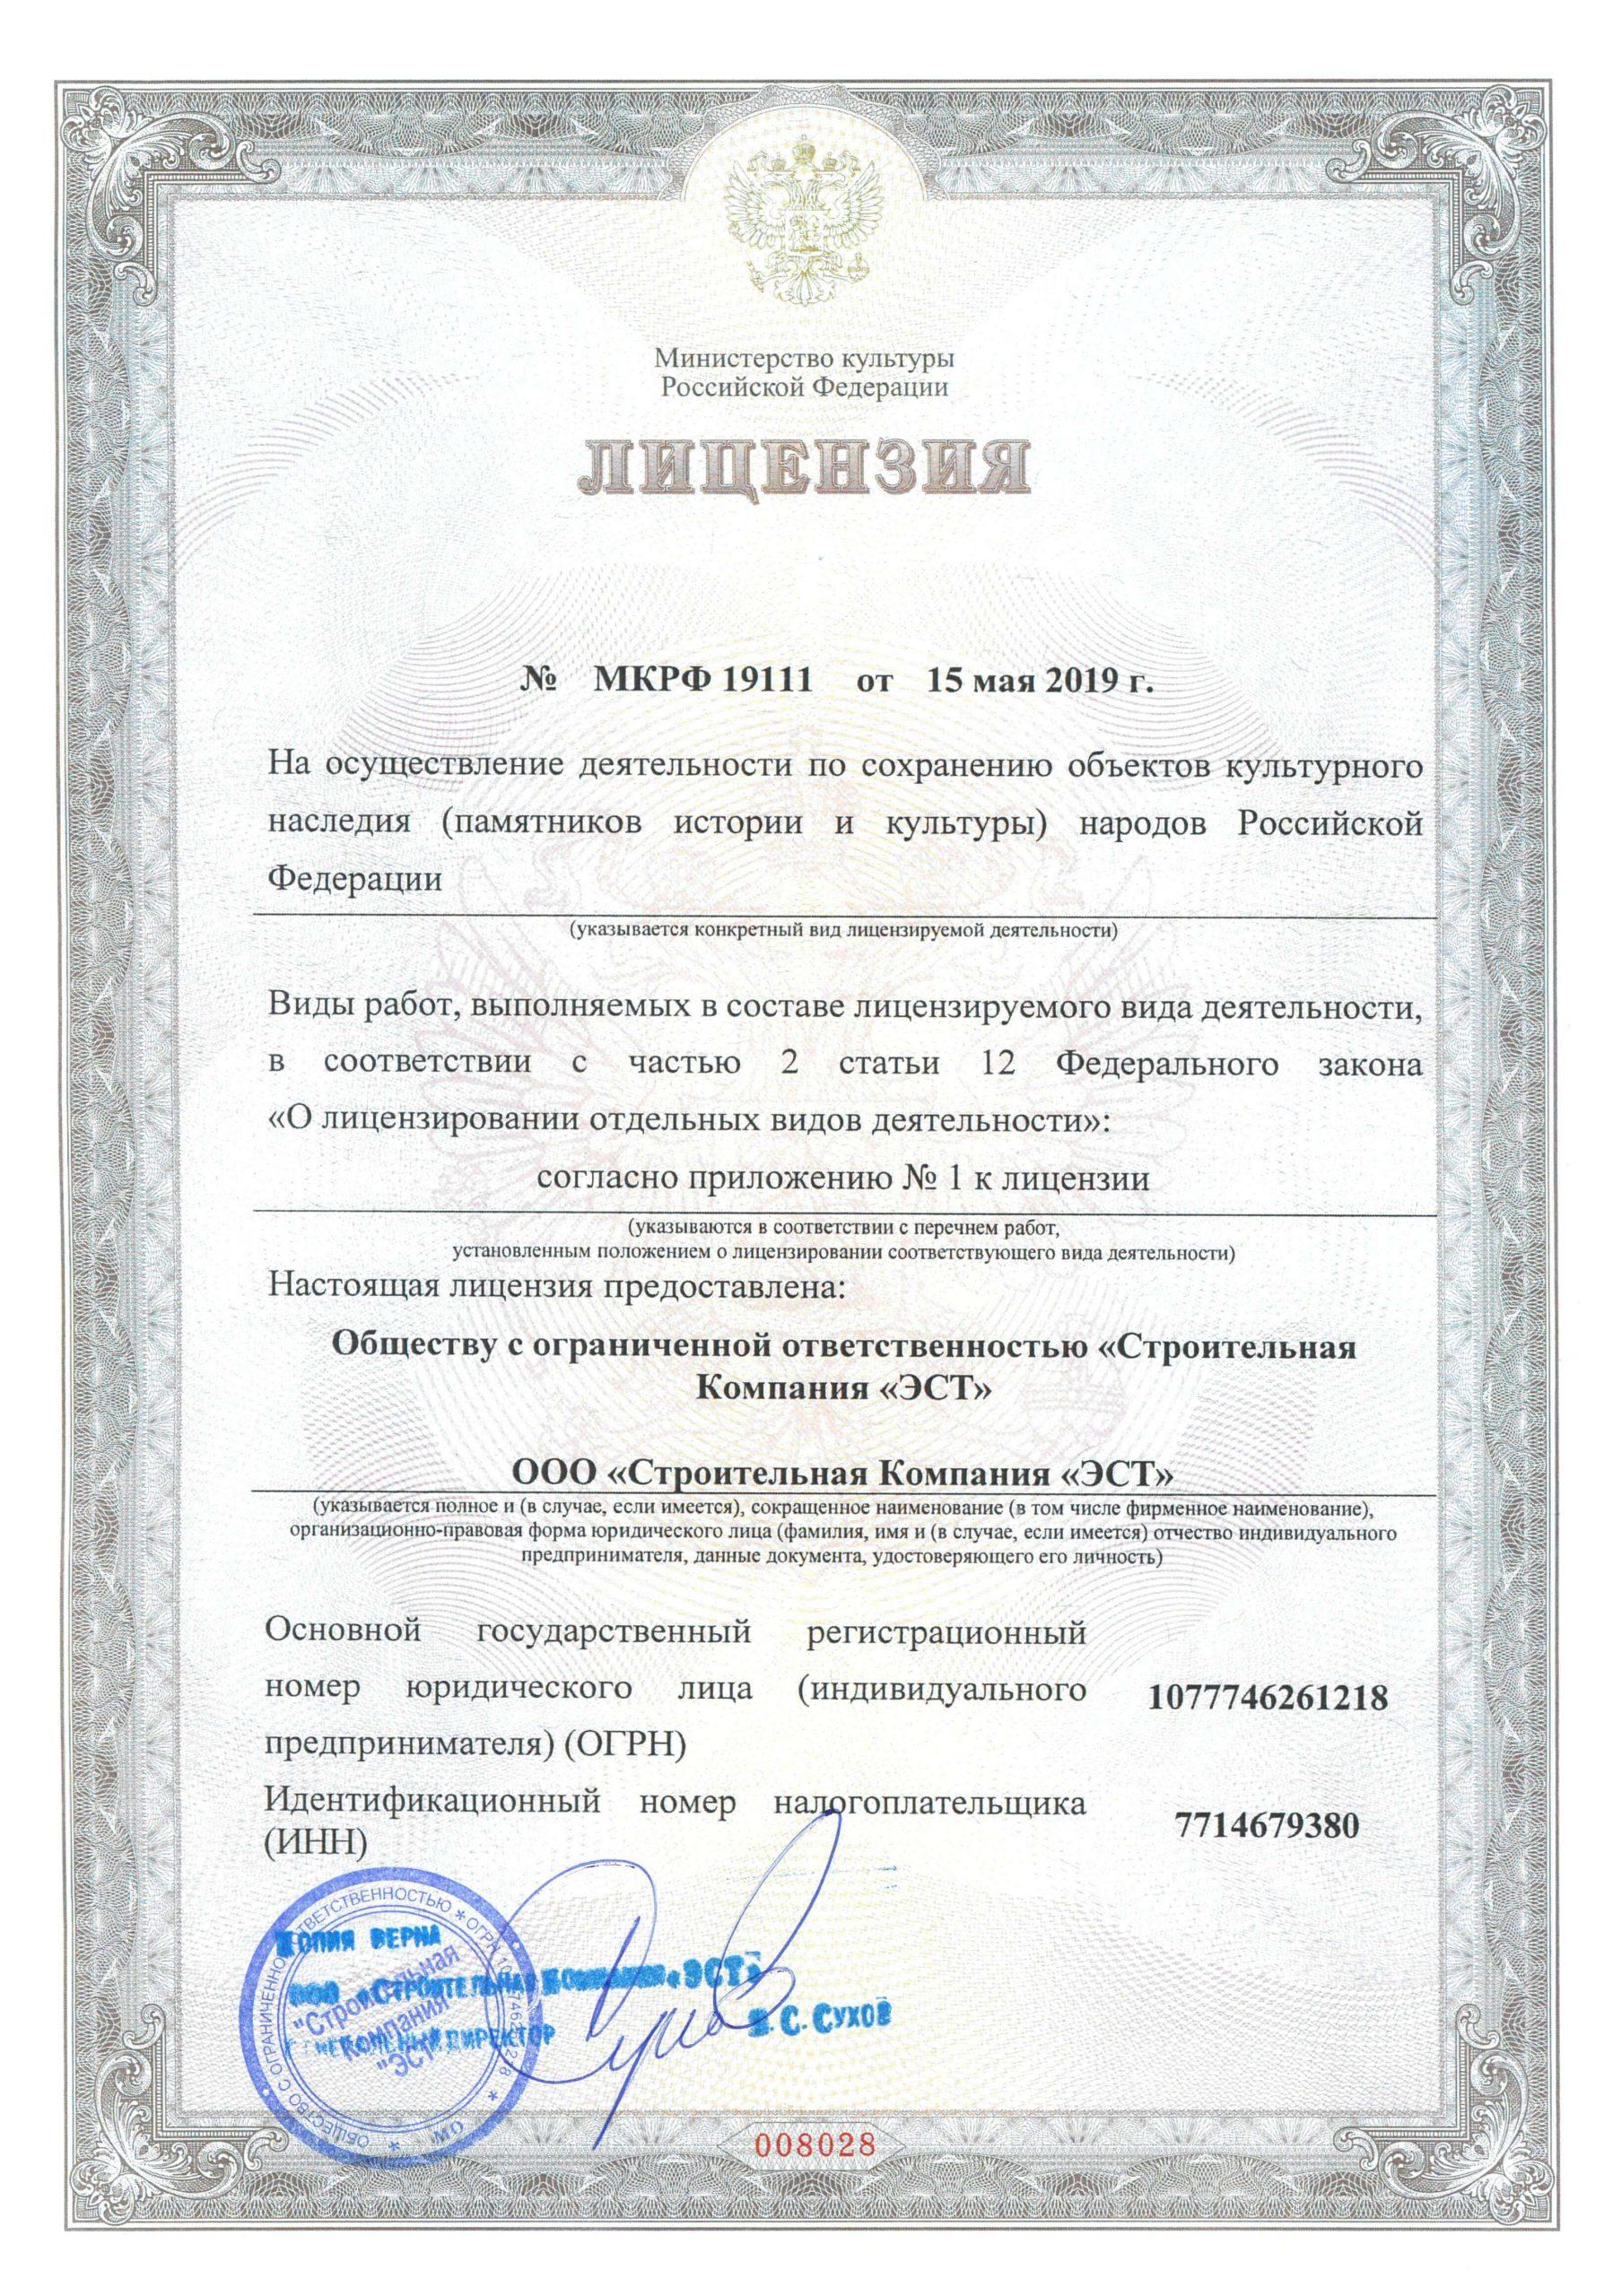 Лицензия Министерства Культуры_Страница_1_Изображение_0001